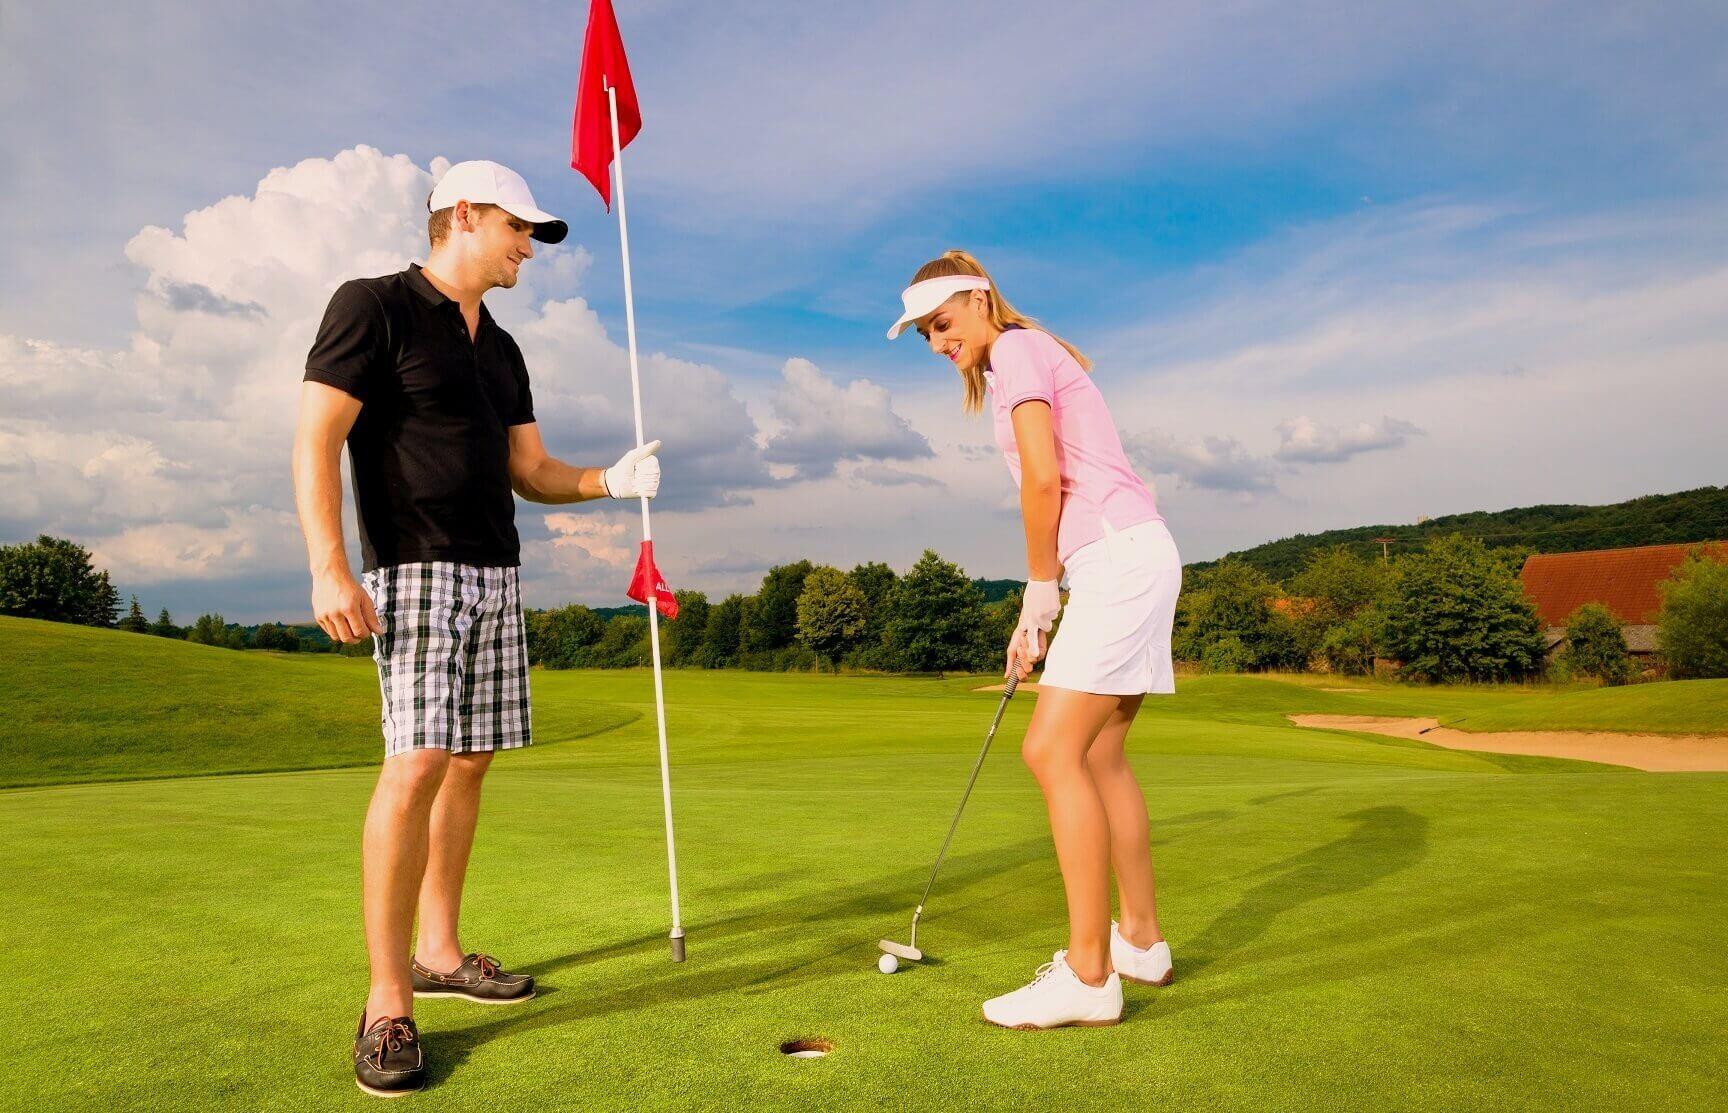 Naucz się grać w golfa